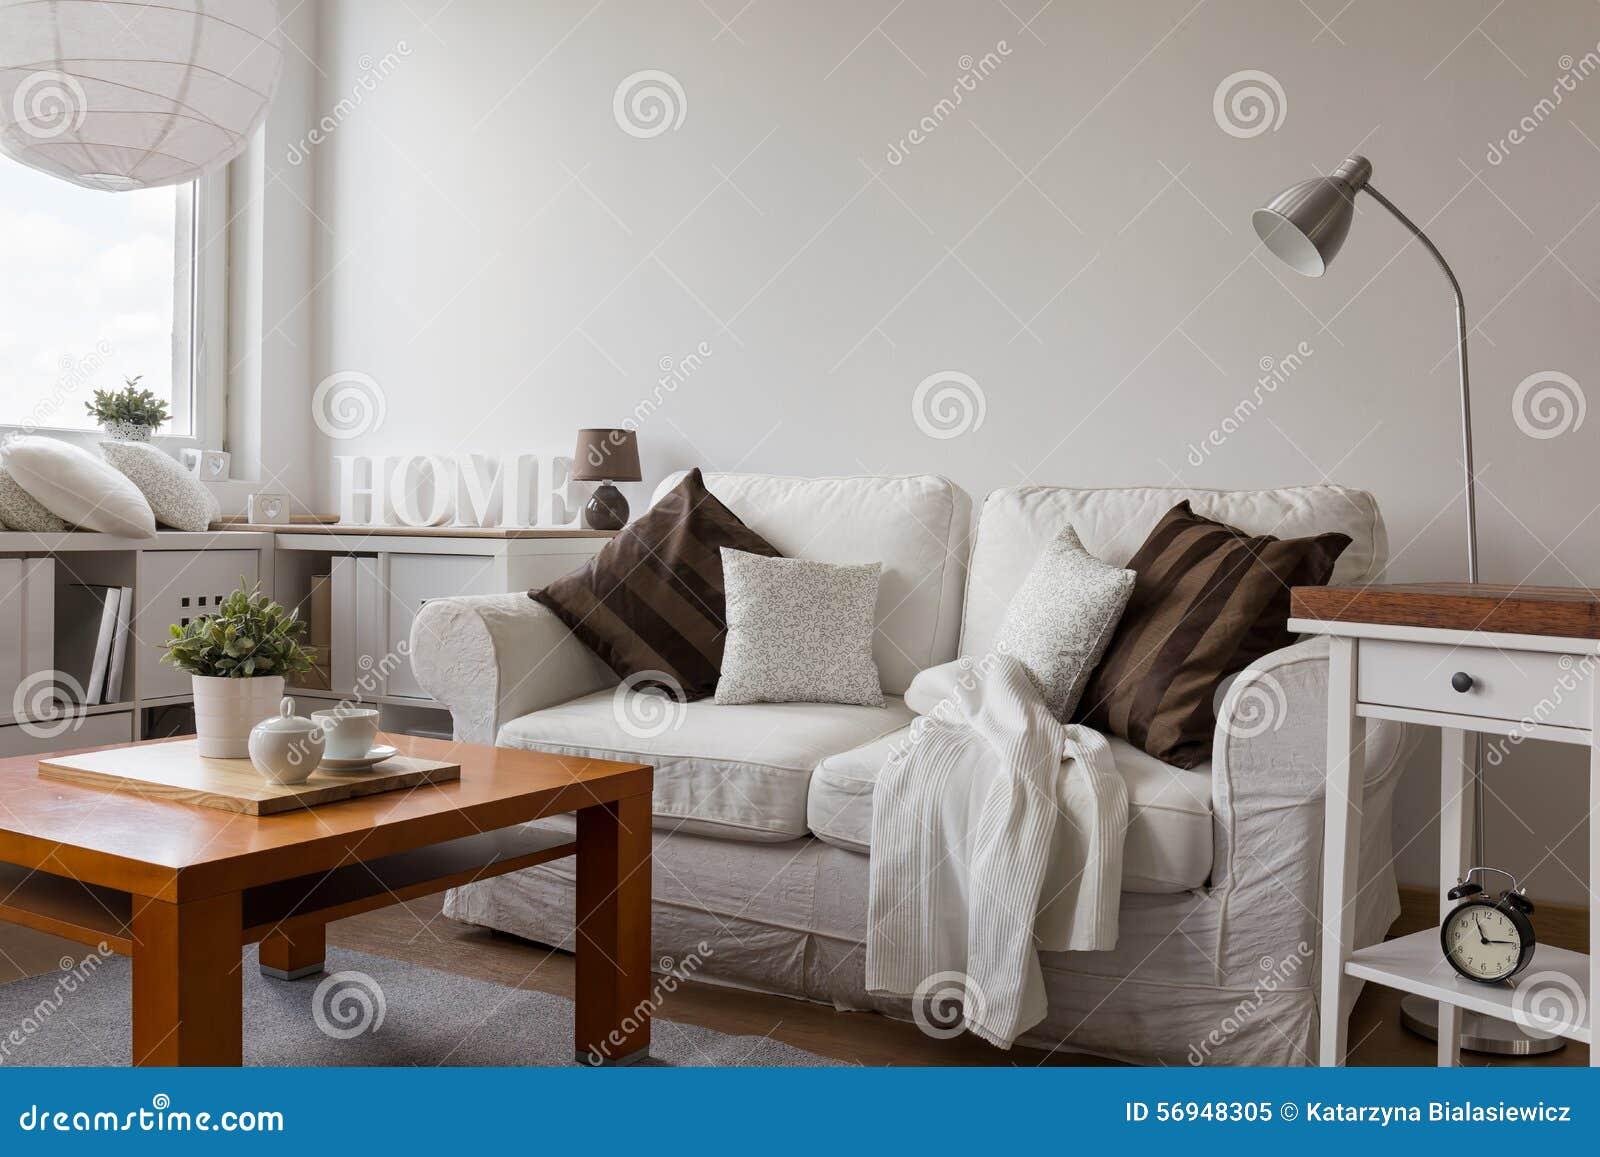 Kleines Gemütliches Wohnzimmer Stockbild - Bild: 56948305